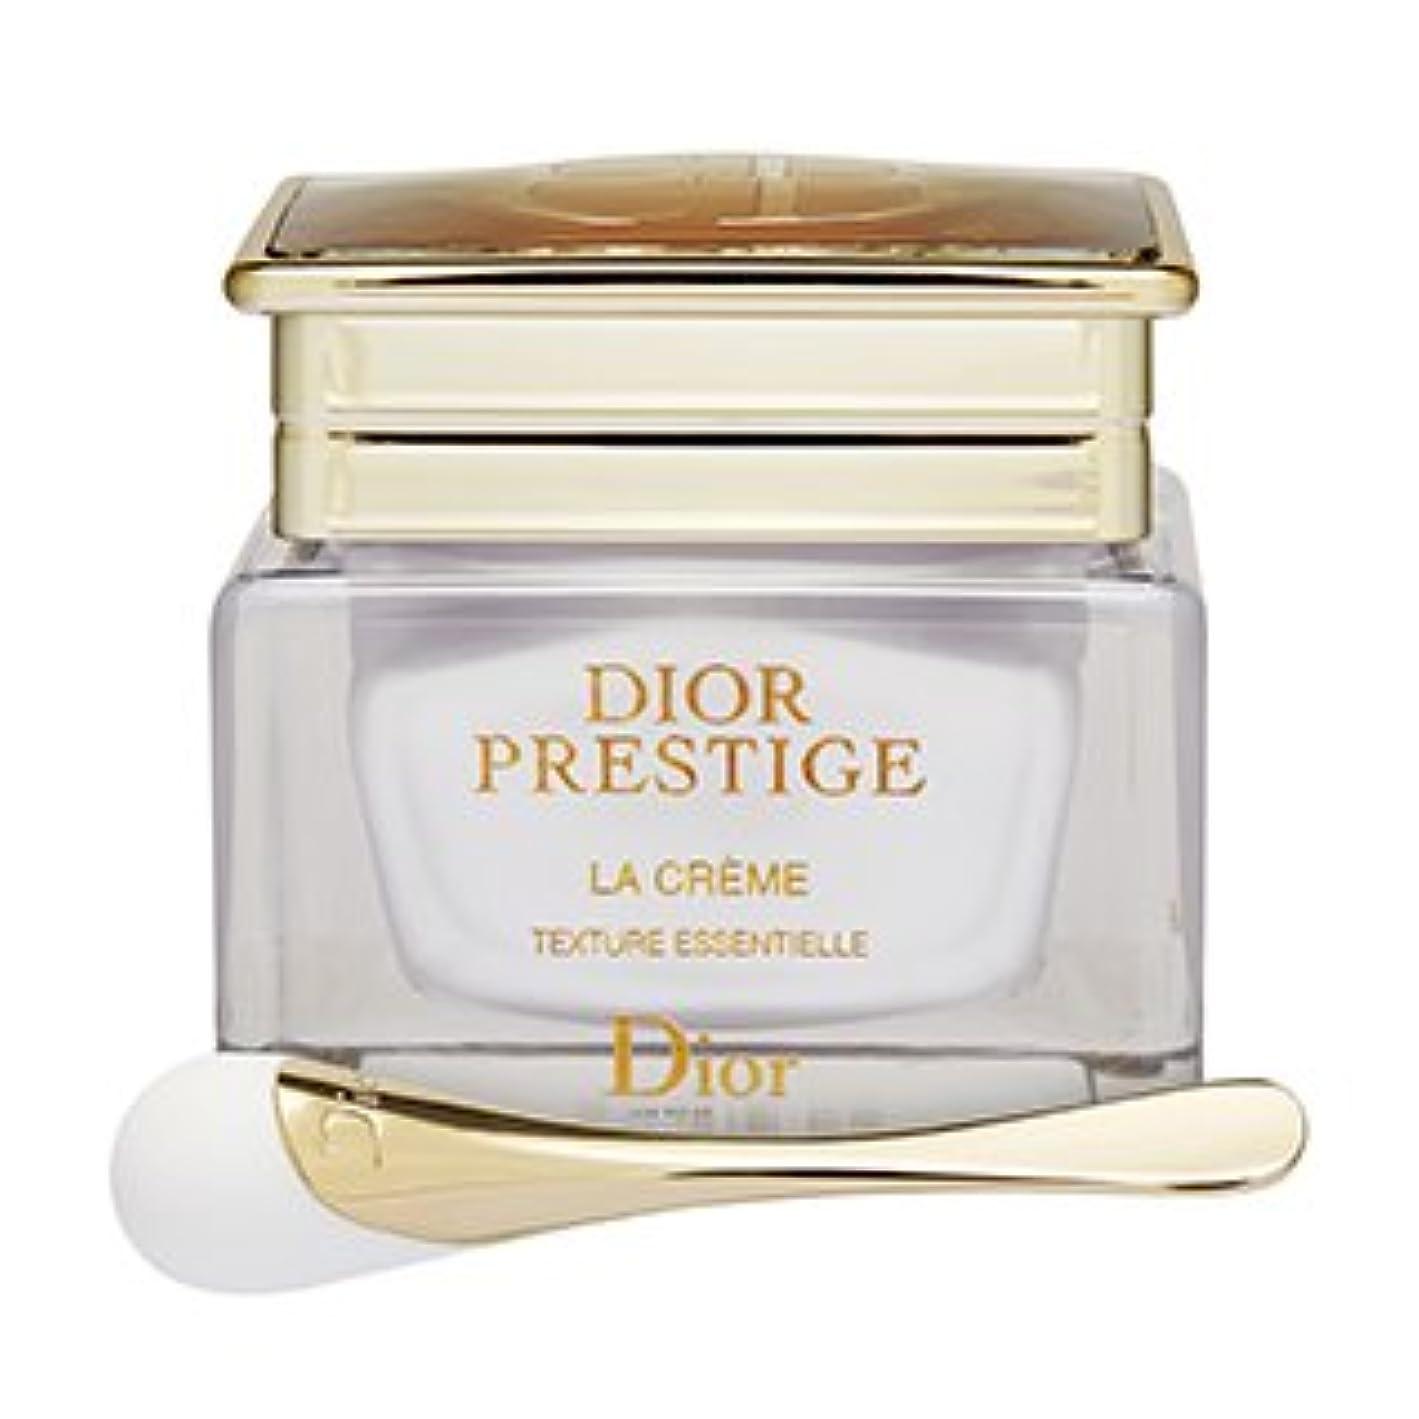 に対応するパック授業料ディオール(Dior) プレステージ ラ クレーム - 極上のテクスチャー [並行輸入品]